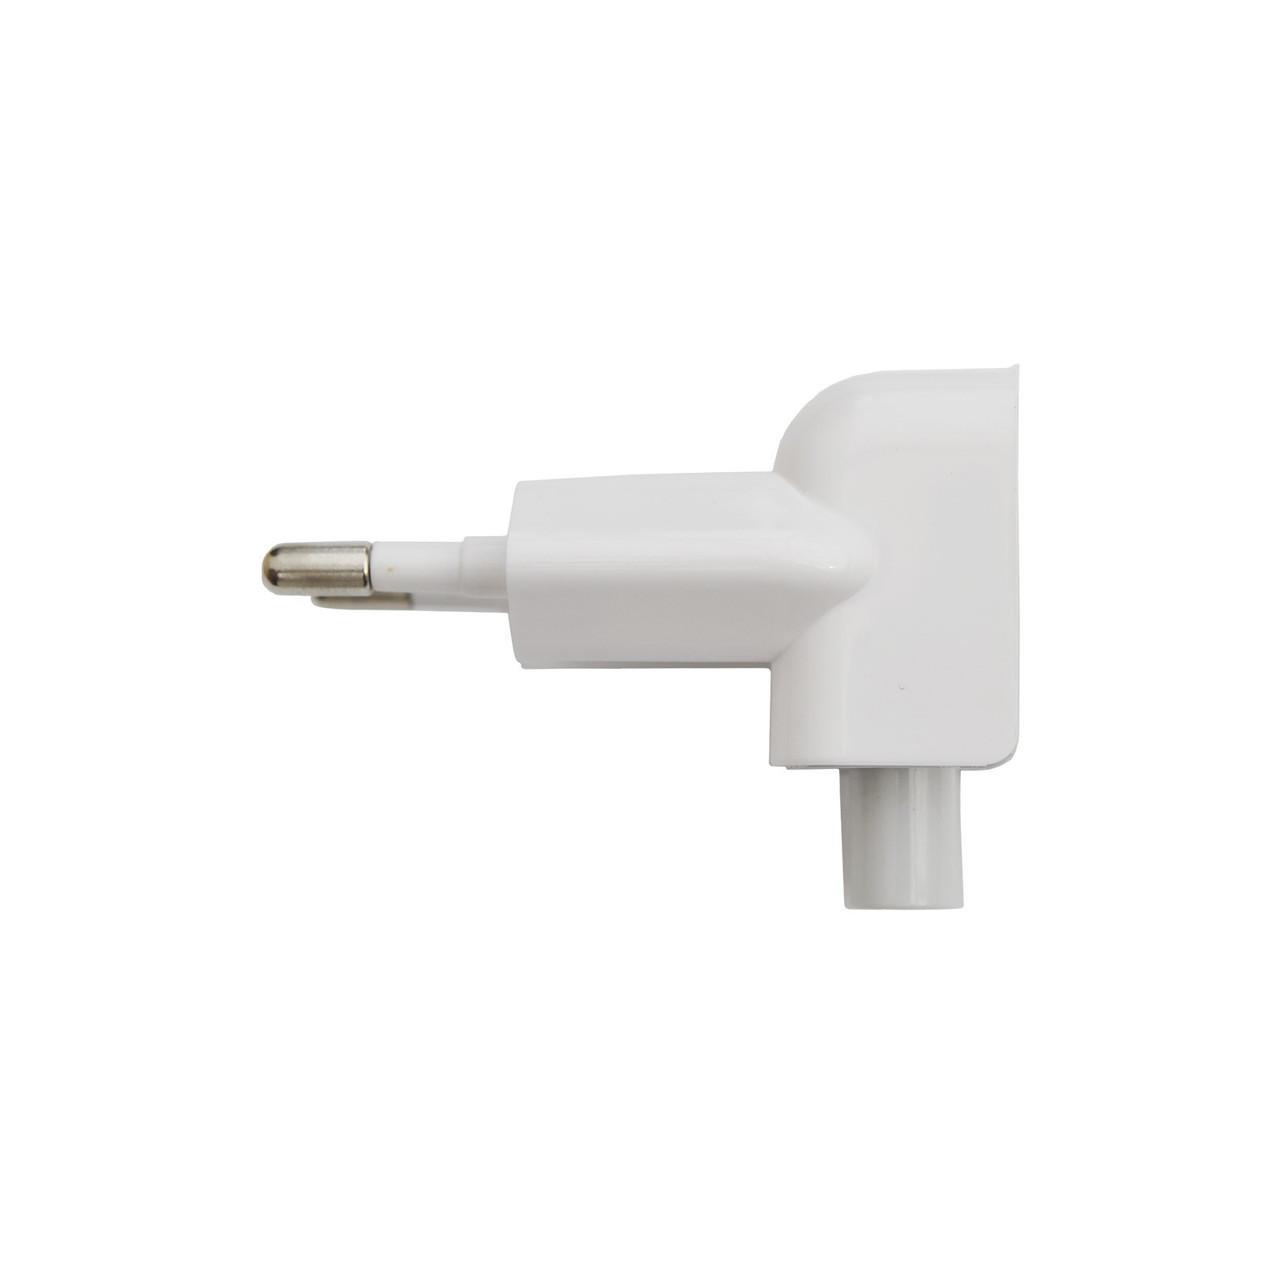 Евровилка для блока питания MagSafe от Apple Macbook.